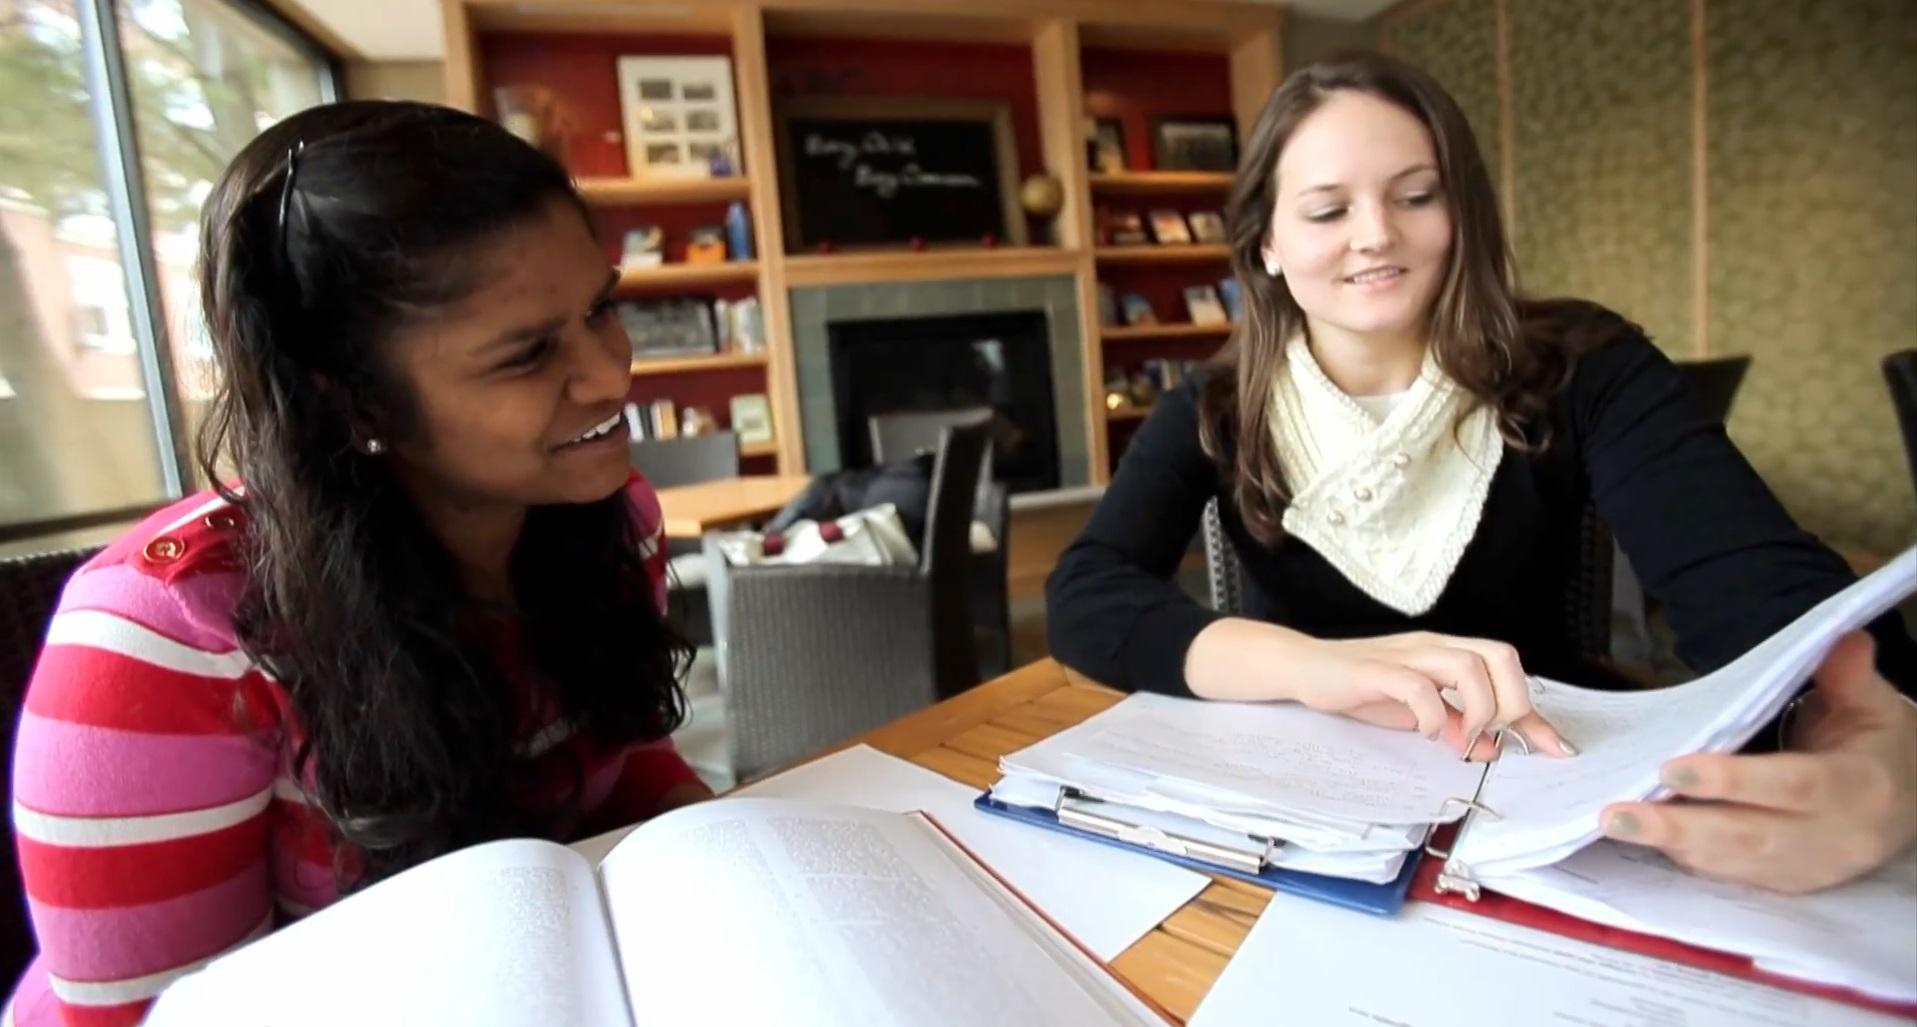 Duas jovens estão em uma sala de leitura. Ao lado esquerdo, uma delas aponta para as anotações de seu fichário, enquanto a que está ao lado esquerdo, olha sorridente.